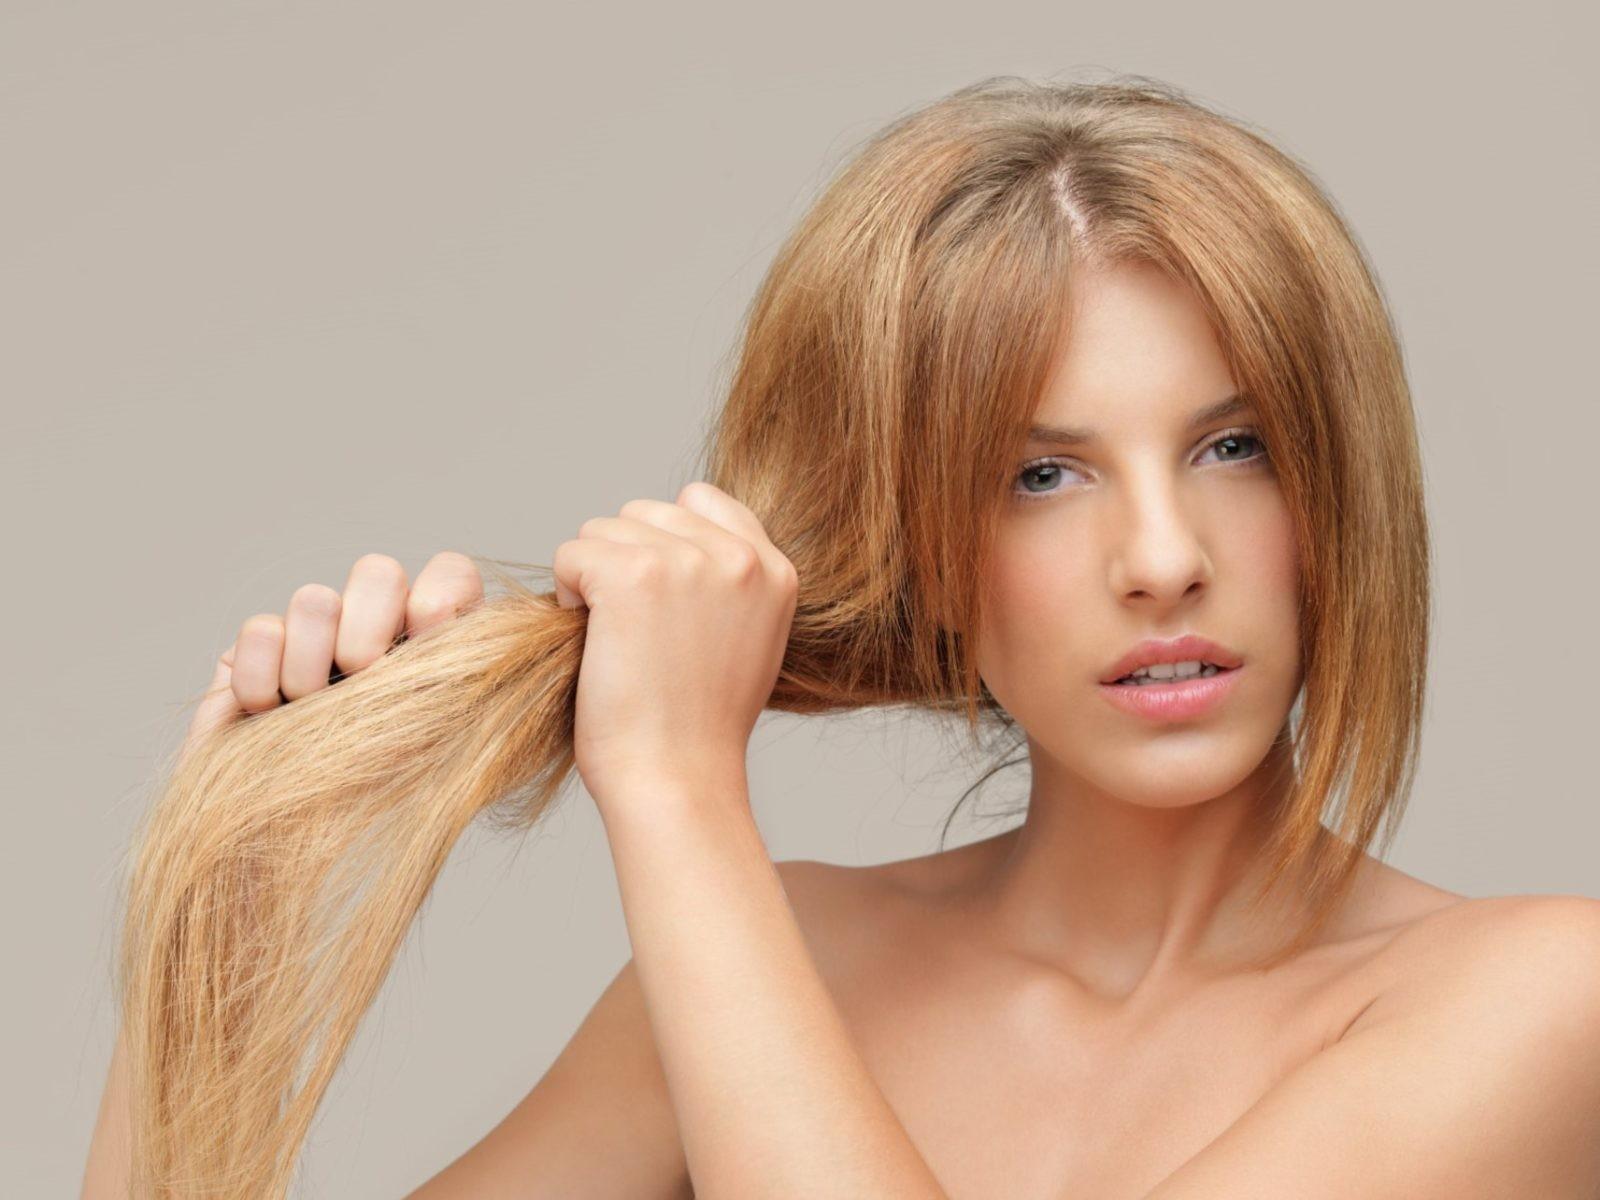 Як позбутися посічених кінчиків волосся в домашніх умовах